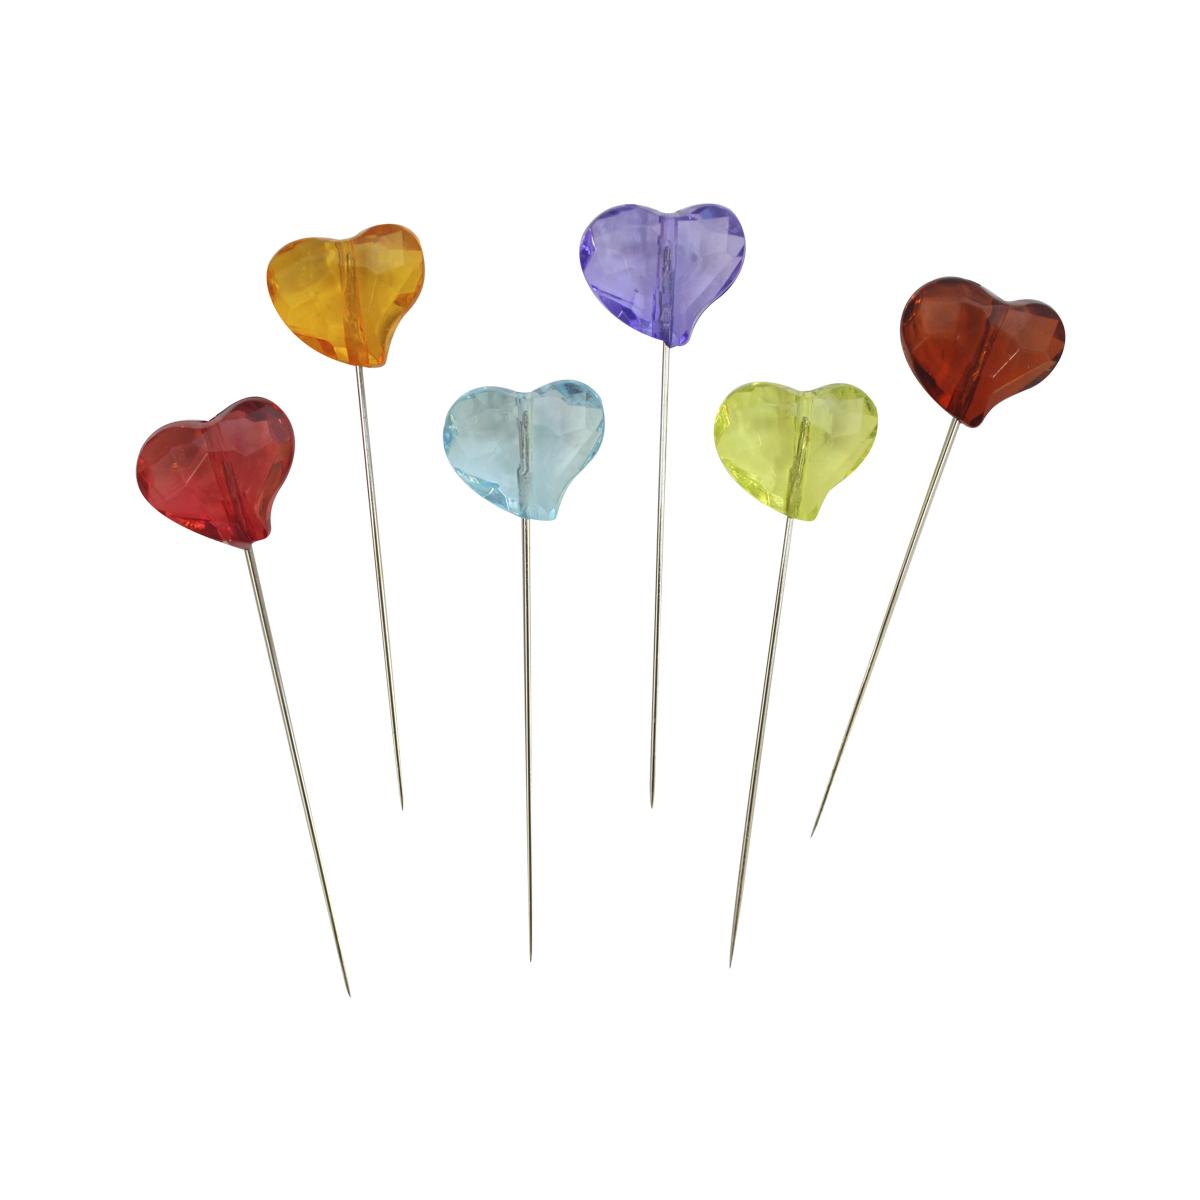 H17-L1373 Булавки декоративные с цветными сердечками, упак./6 шт., 'Астра'